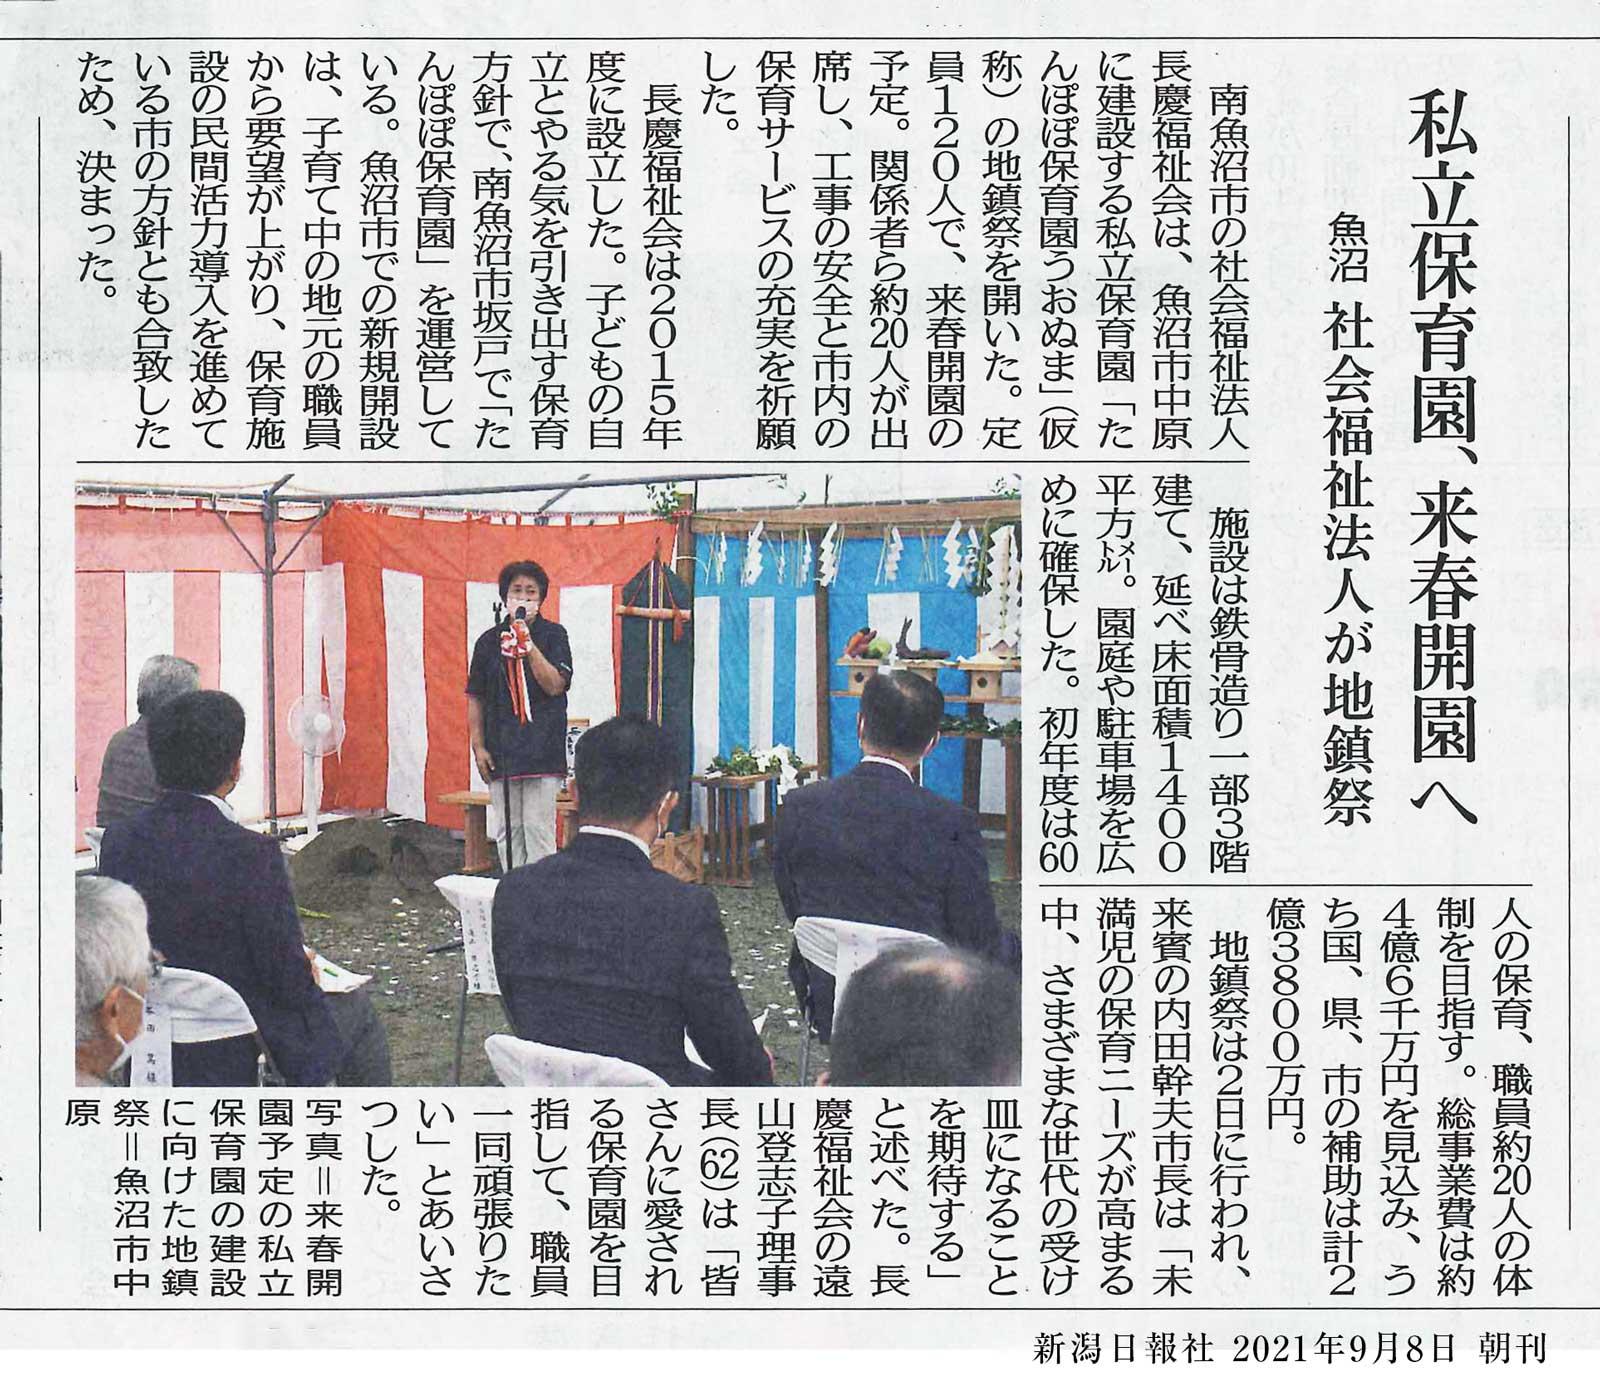 「私立保育園、来春開園へ」新潟日報社2021-09-08朝刊記事